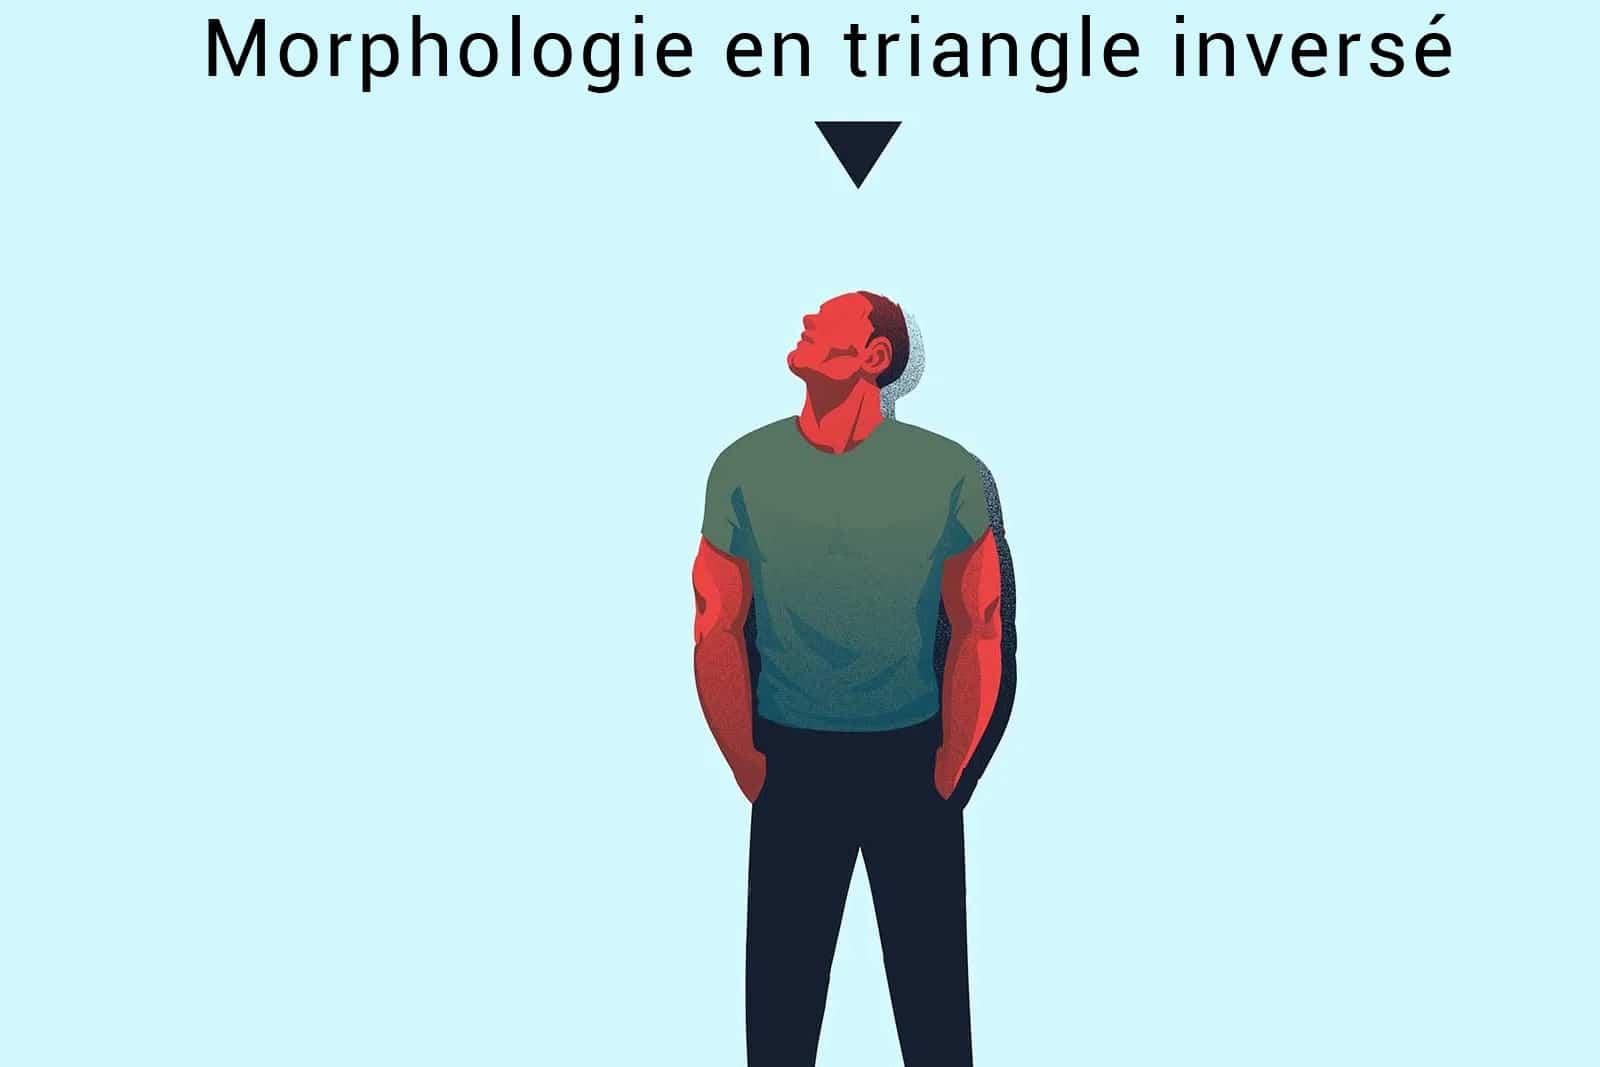 morphologie en triangle inversé homme